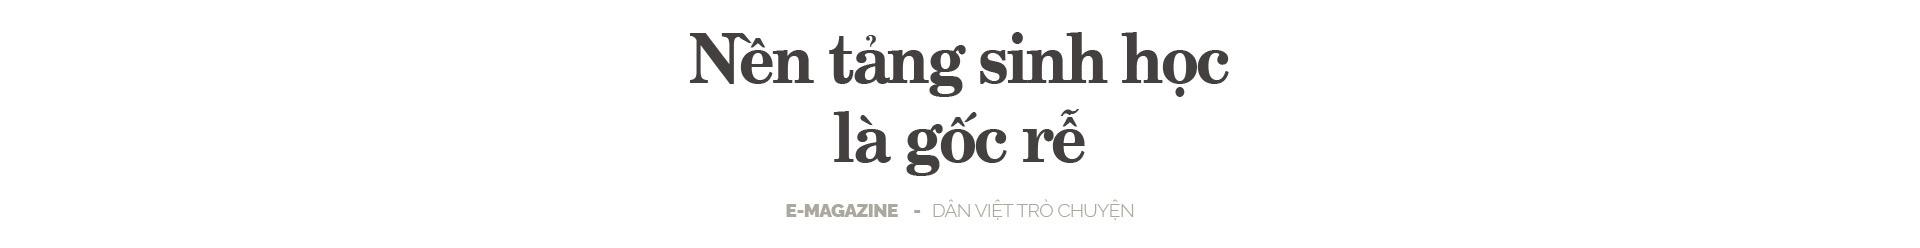 """""""Vua"""" mít  Nguyễn Lâm Viên – người được """"tẩy não"""" để làm nông nghiệp vì sự sống - Ảnh 4."""